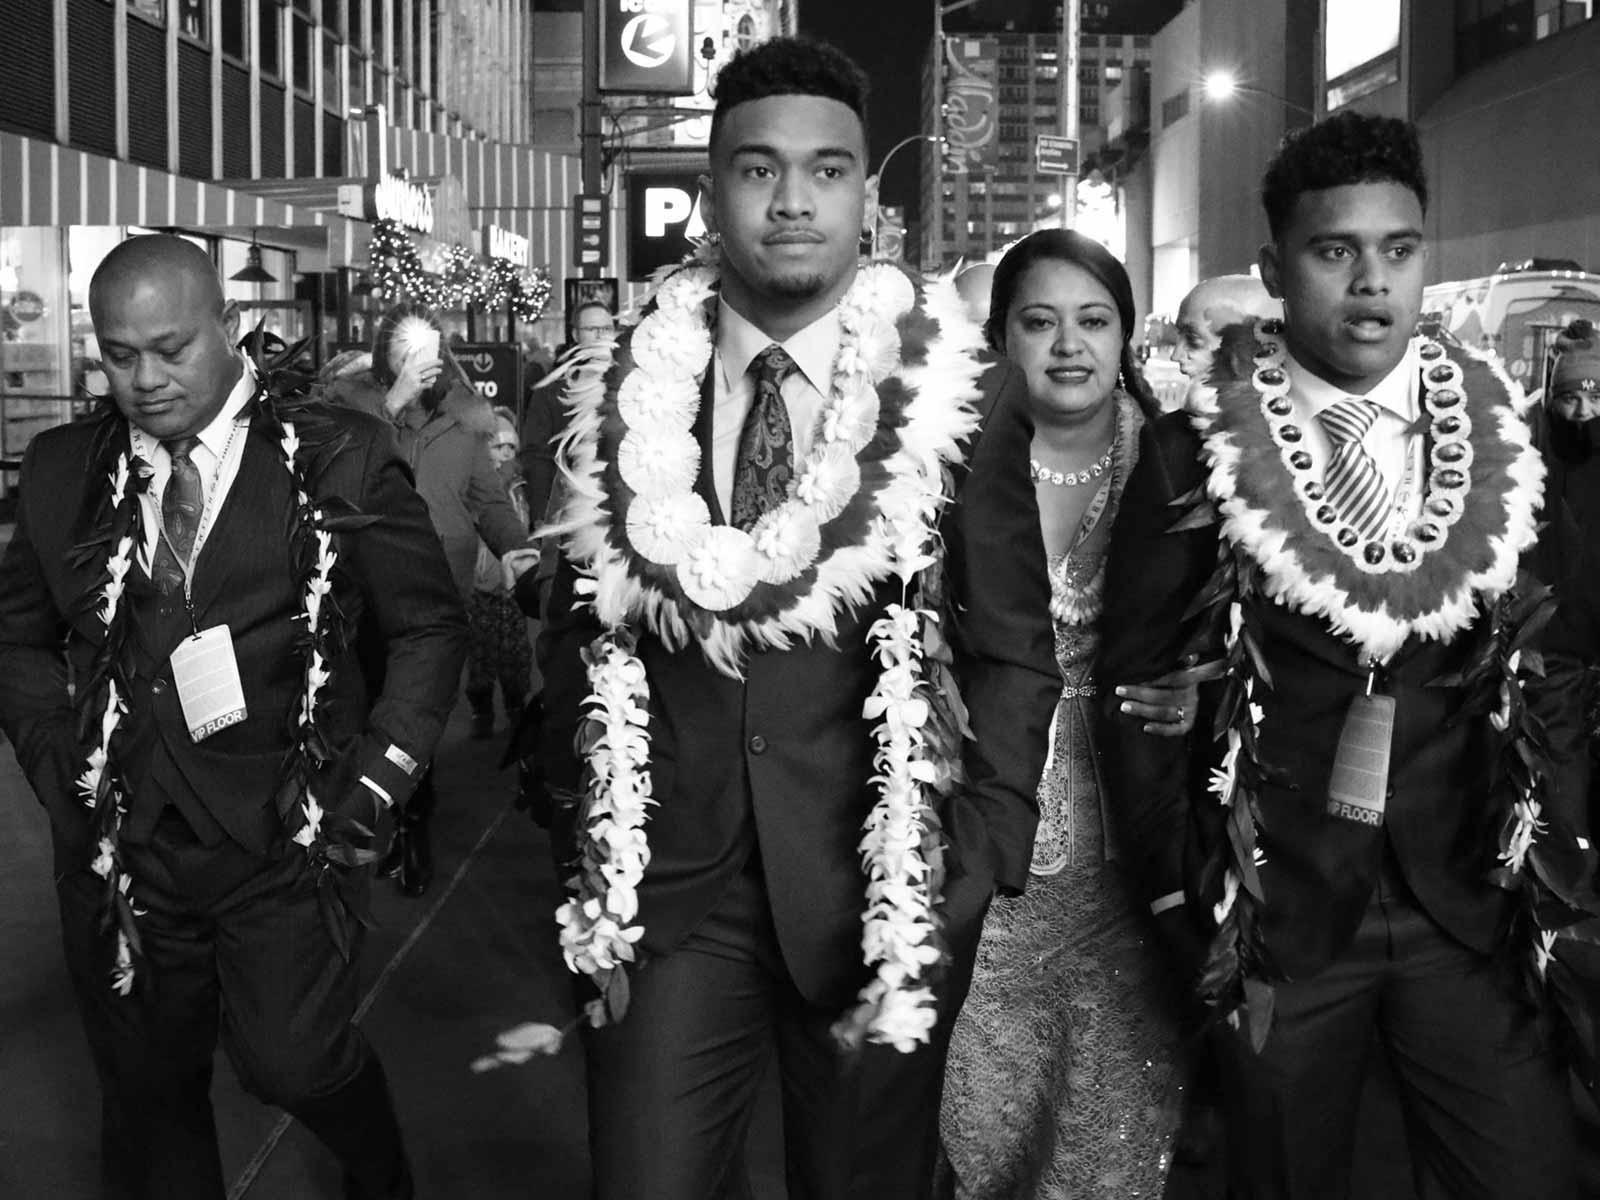 Tua Tagovailoa, family at 2018 Heisman Trophy ceremony